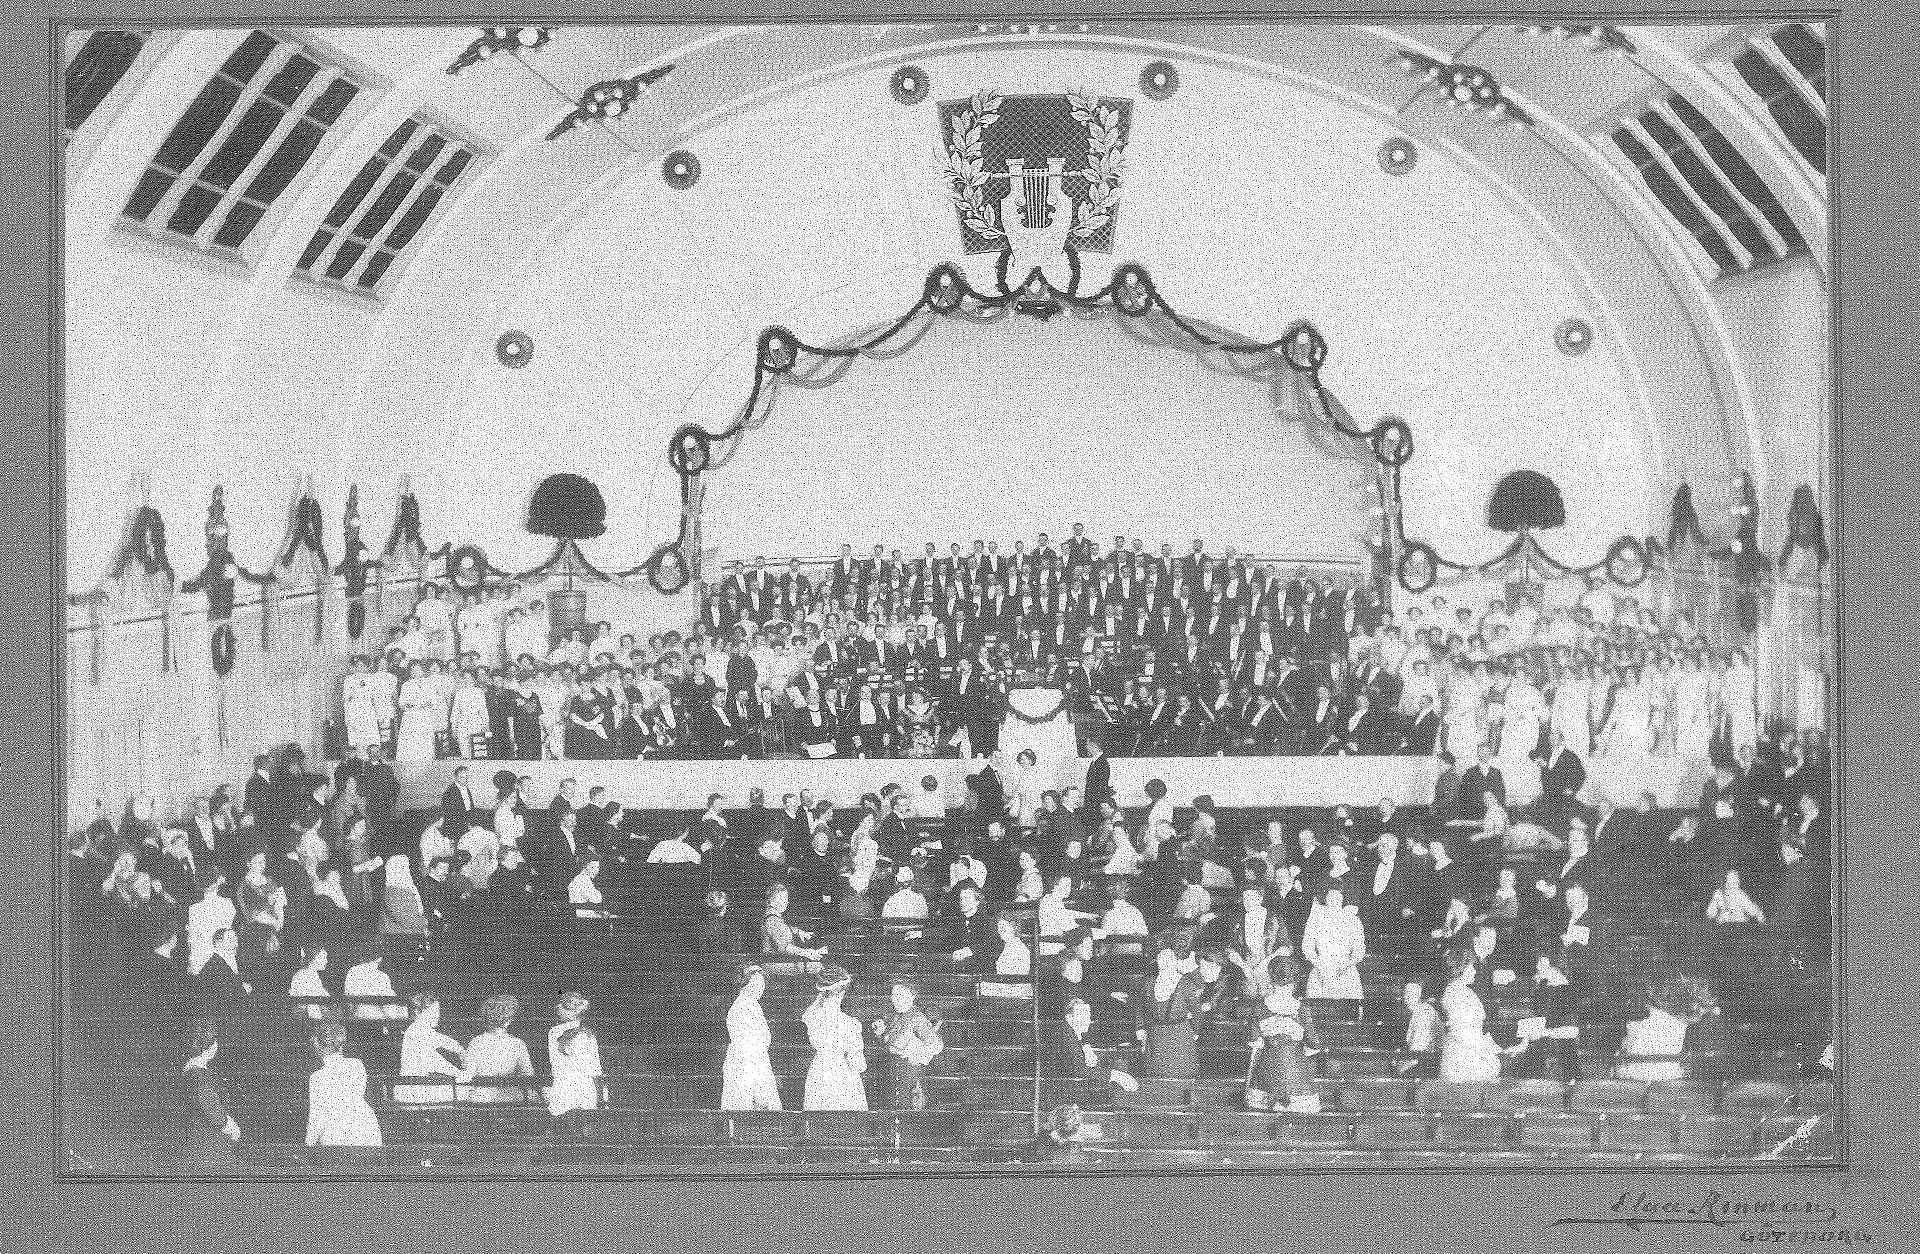 Historiskt fotografi av Göteborgs Symfoniker på scenen i konserthuset på Heden i Göteborg, med publik i förgrunden.